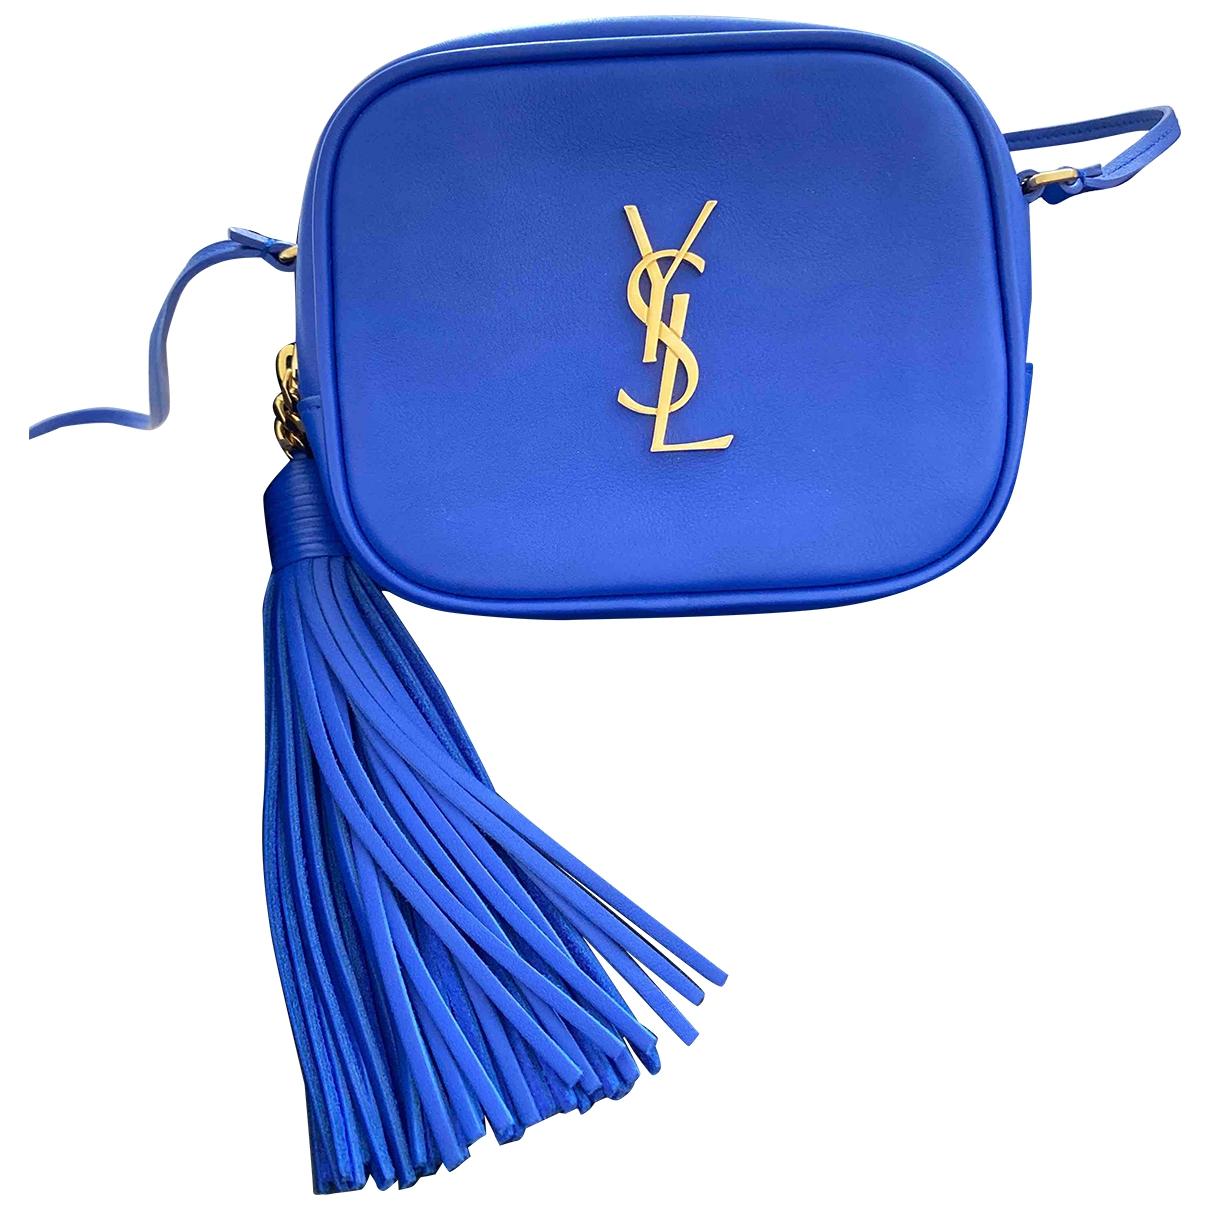 Saint Laurent Blogger Blue Leather handbag for Women \N